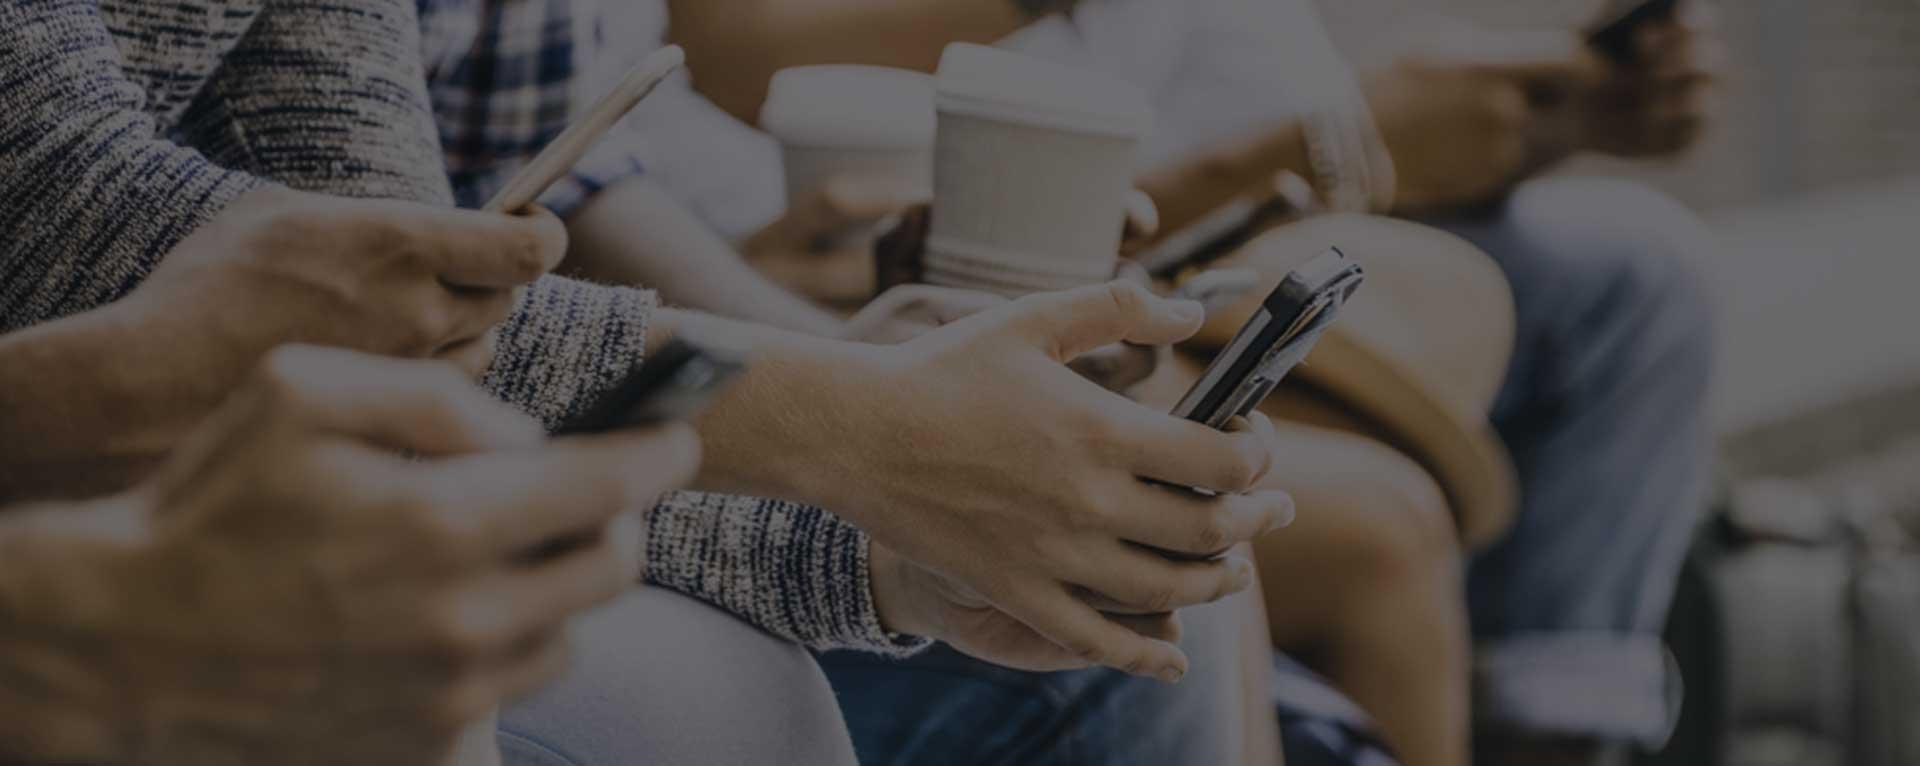 Définir une stratégie de communication efficace pour votre marque